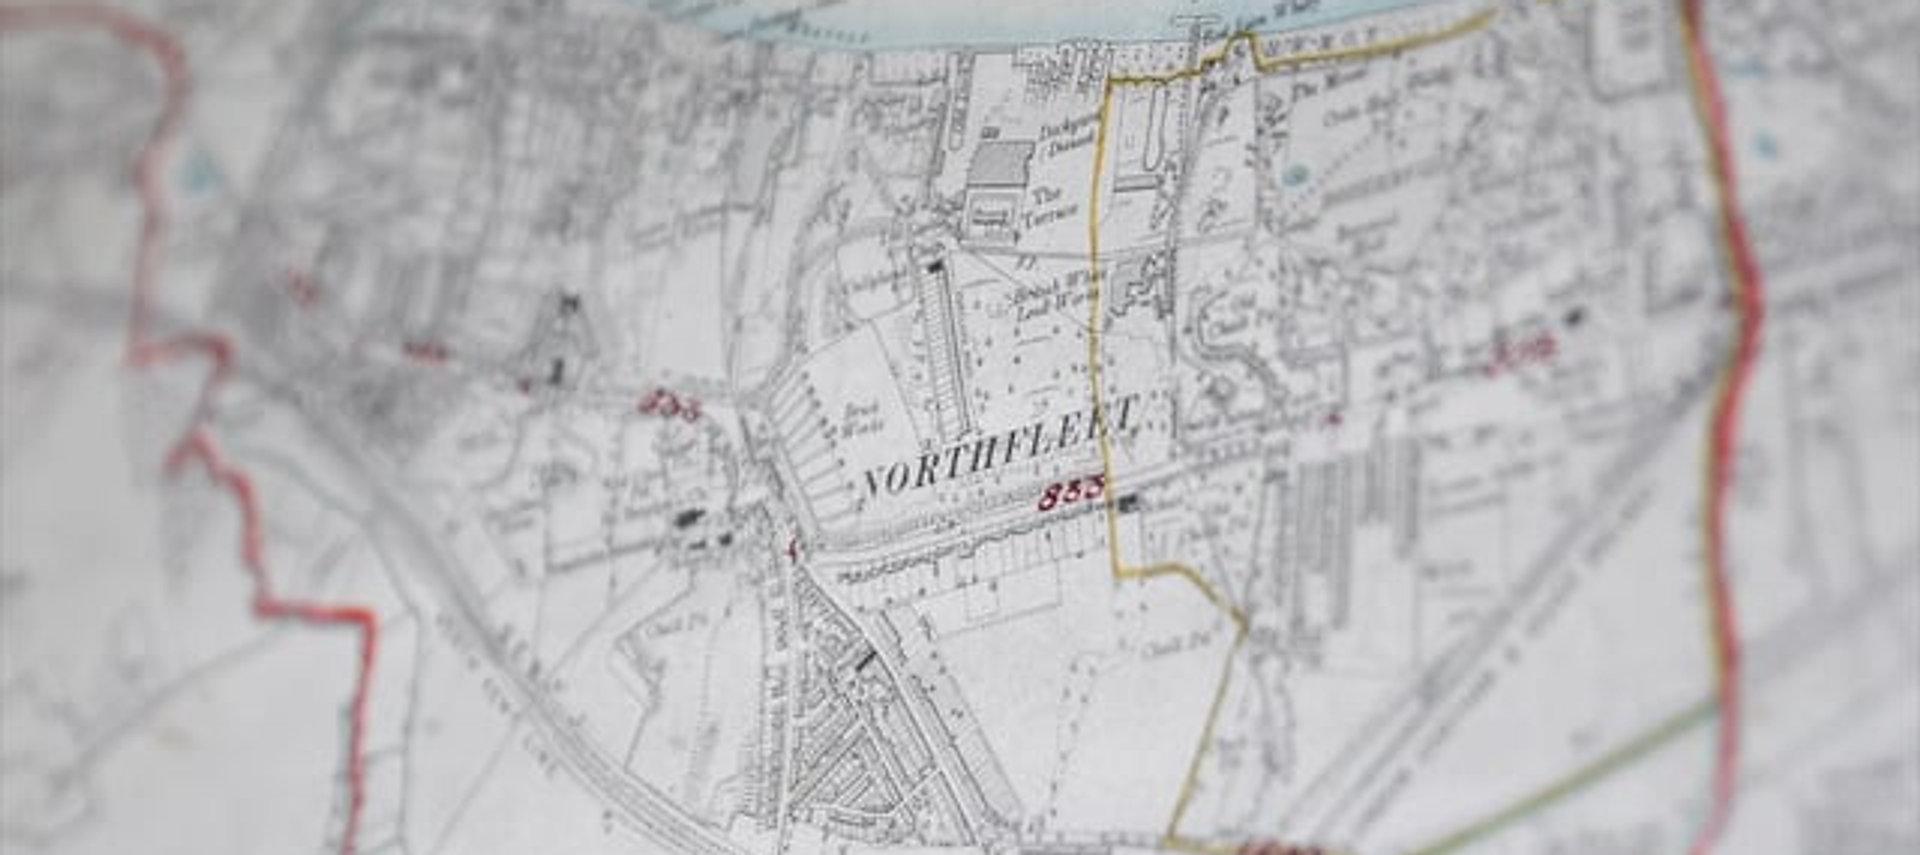 Northfleet - A Hidden History